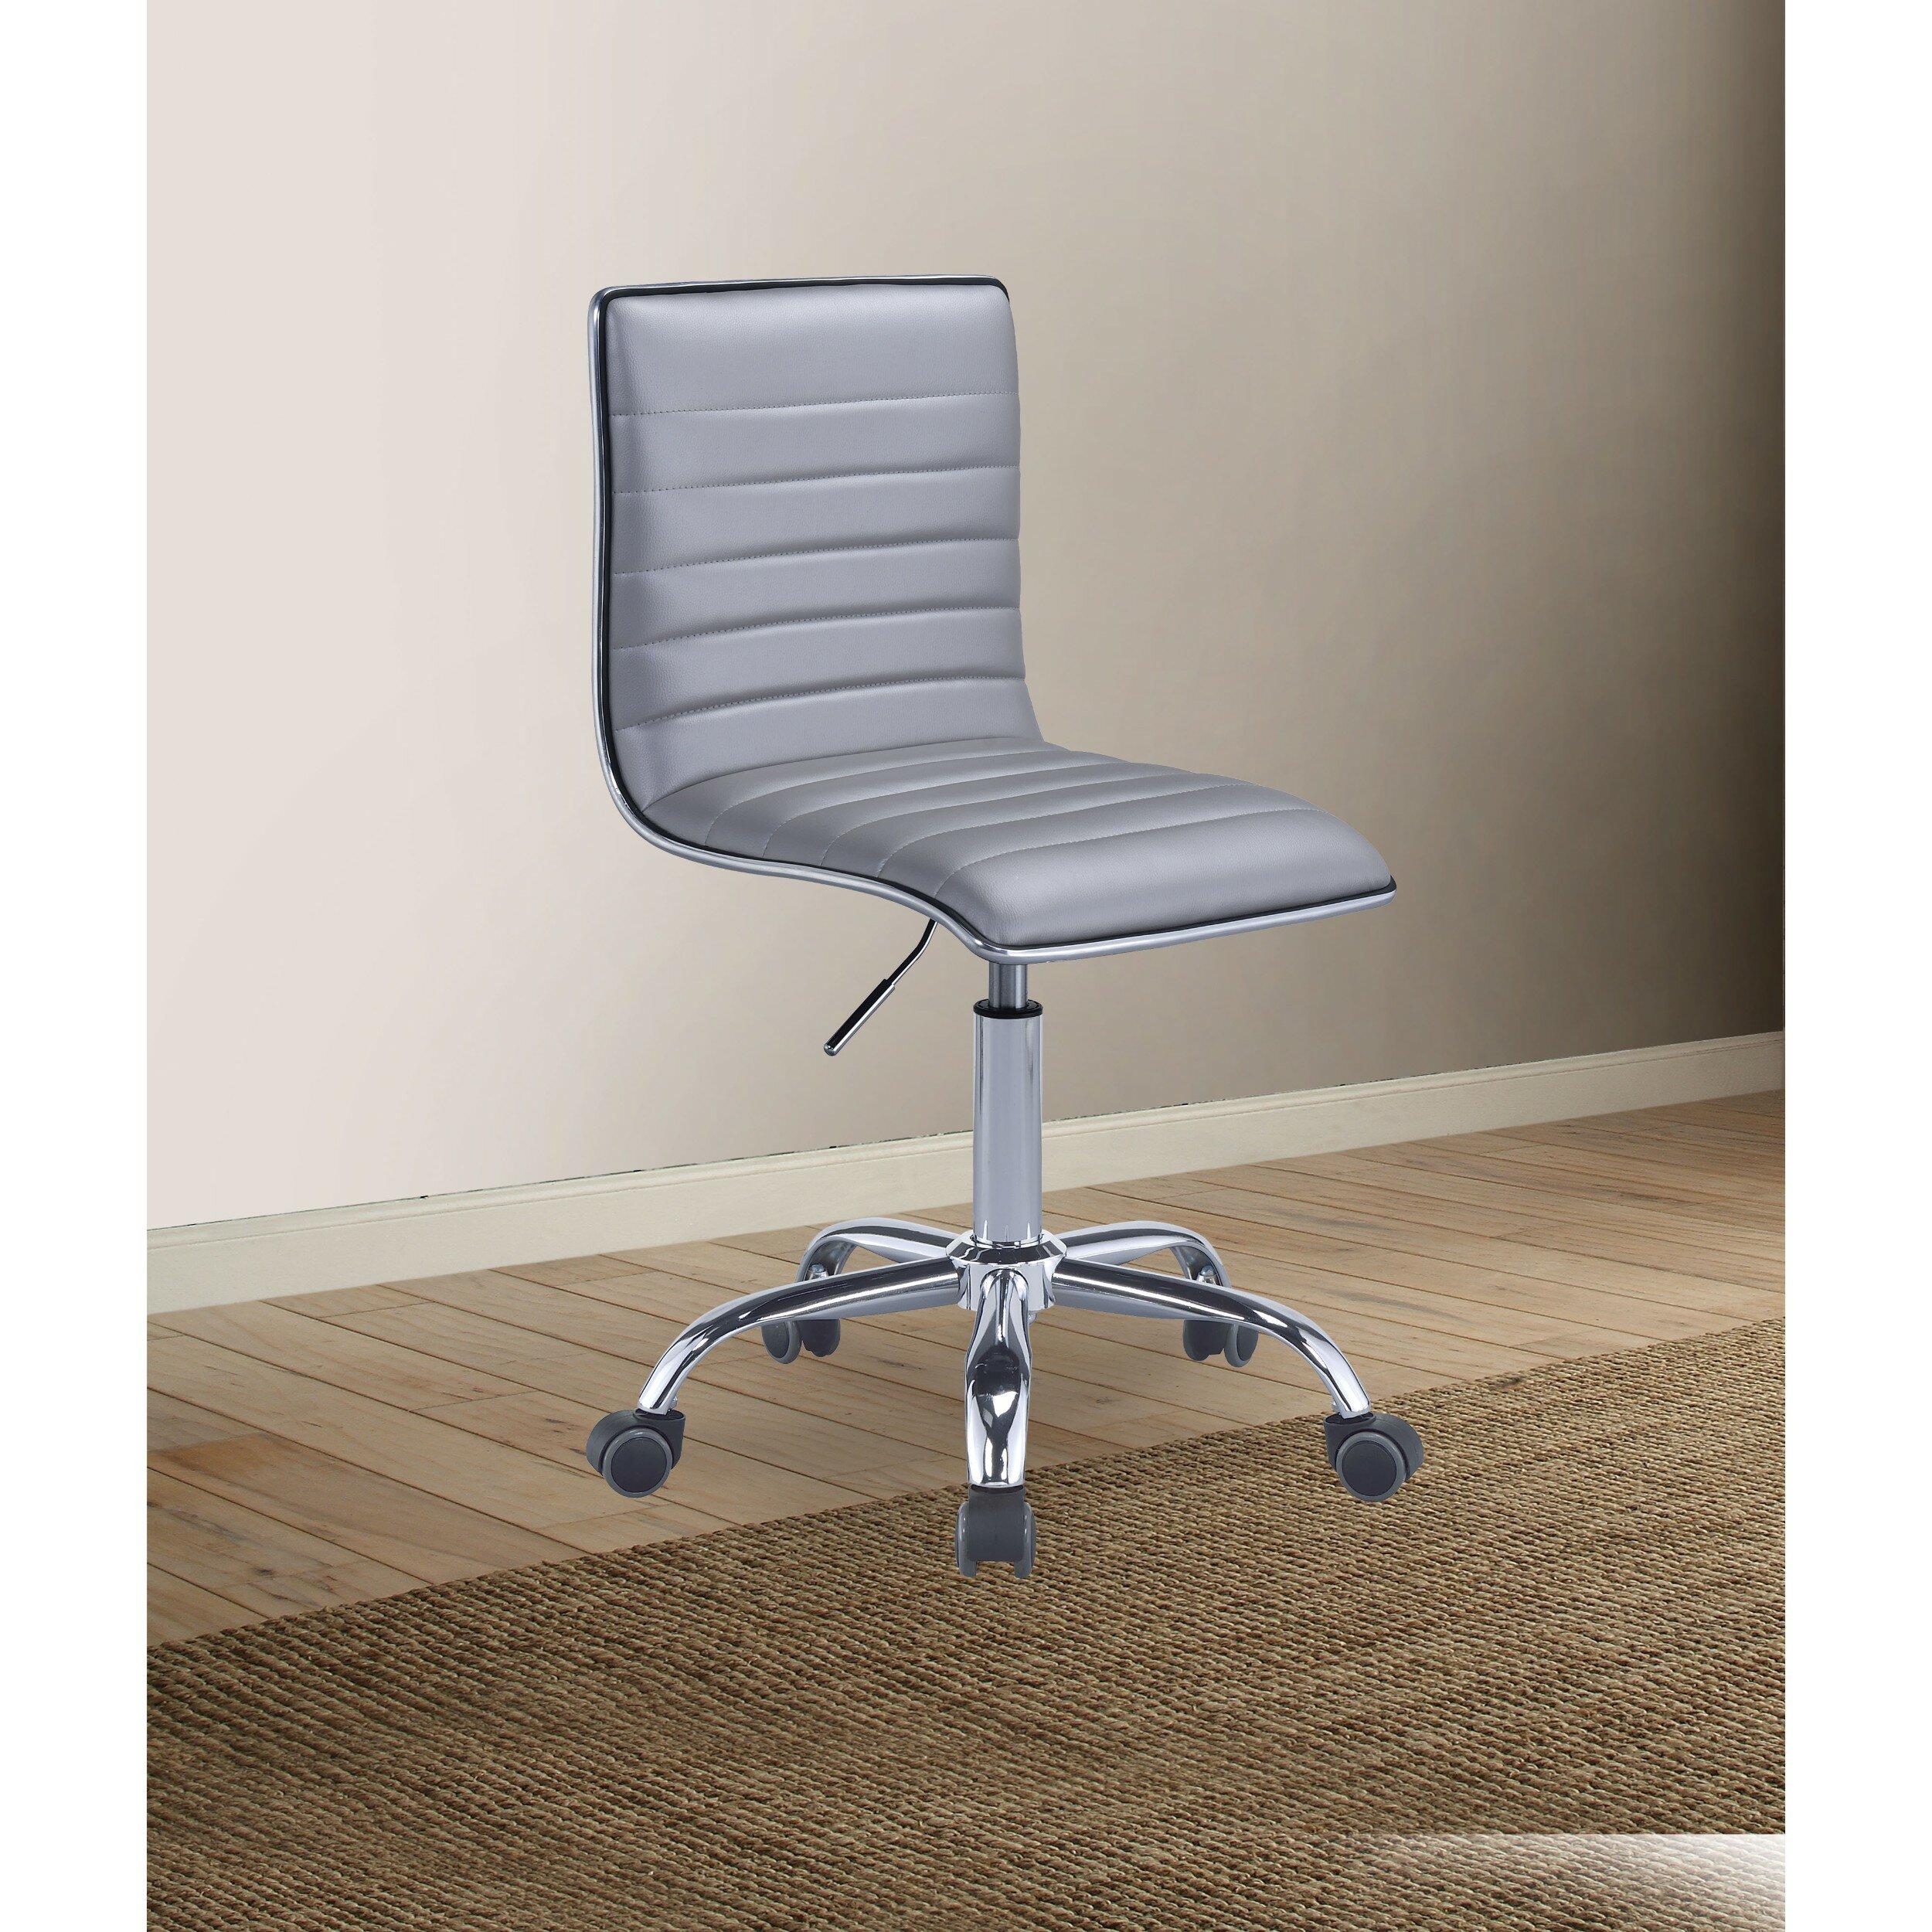 Tavion Armless Task Chair